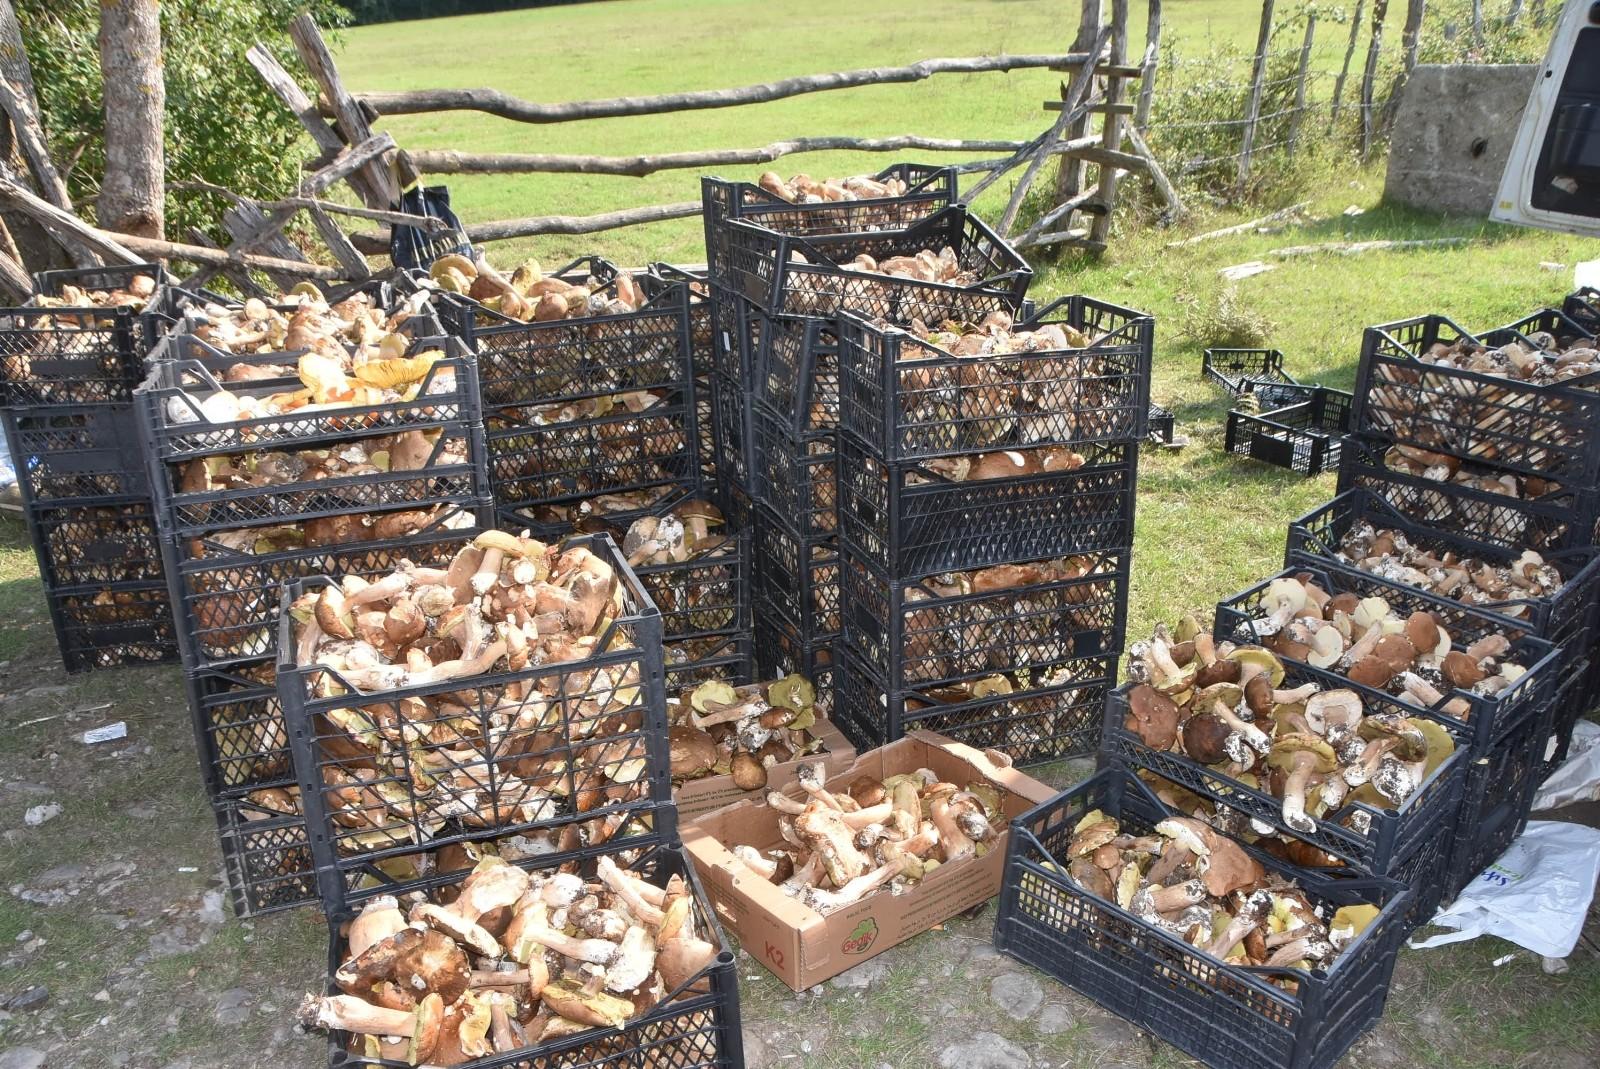 Sinop ormanlarından fışkıran fesleğen ve yumurta mantarı köylülere ek gelir kapısı oldu